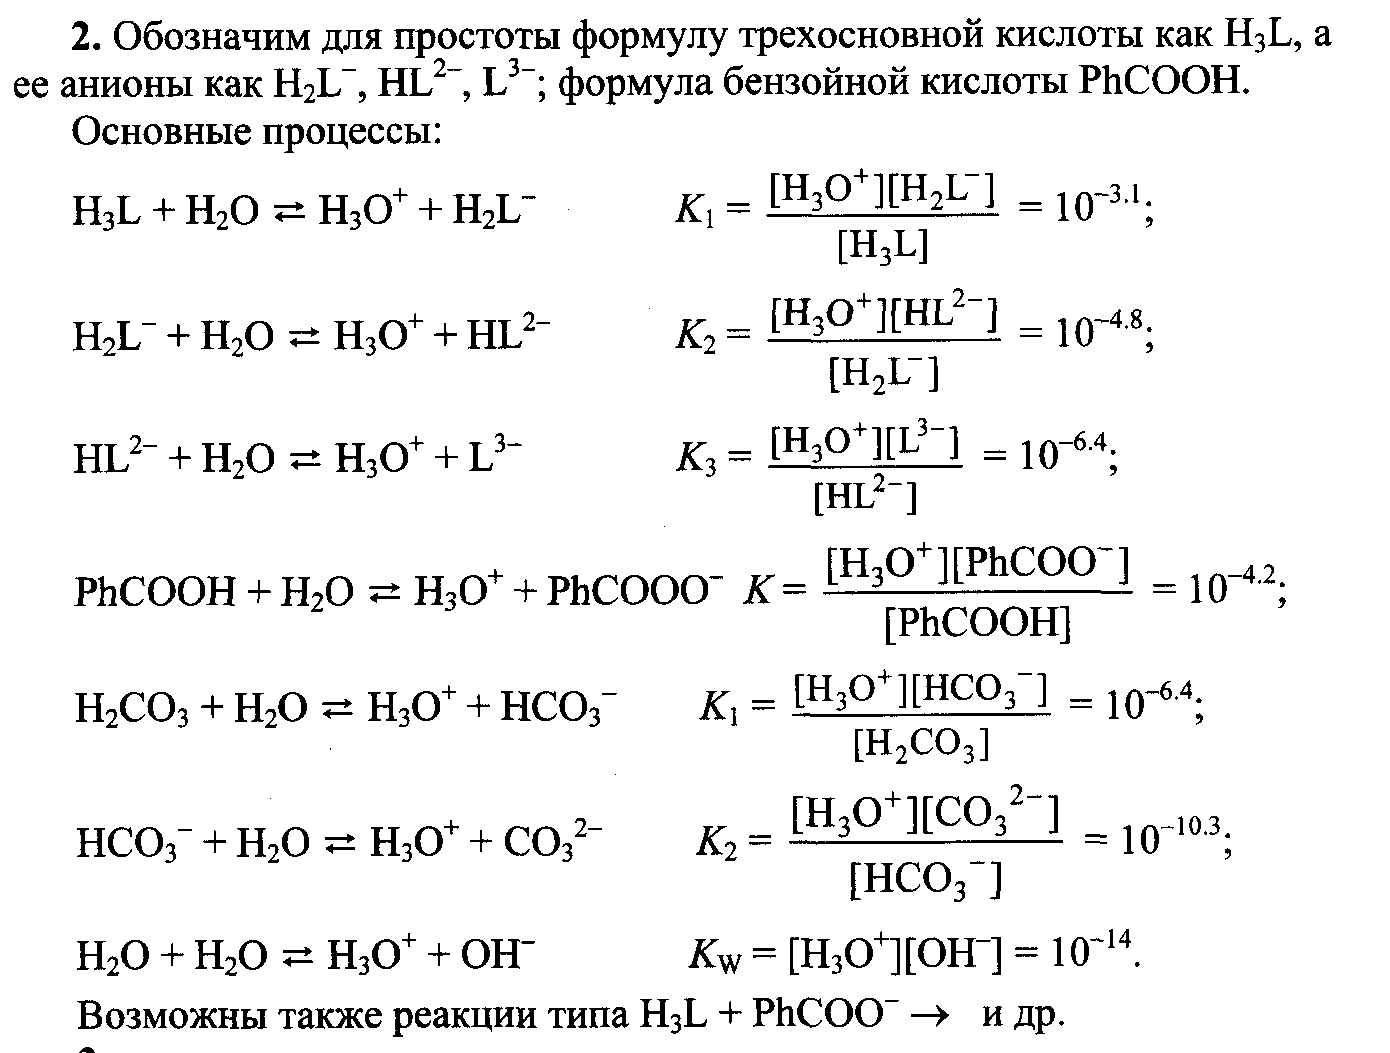 Решение задач по олимпиаде по химии примеры решения задач симплекс методом линейного программирования